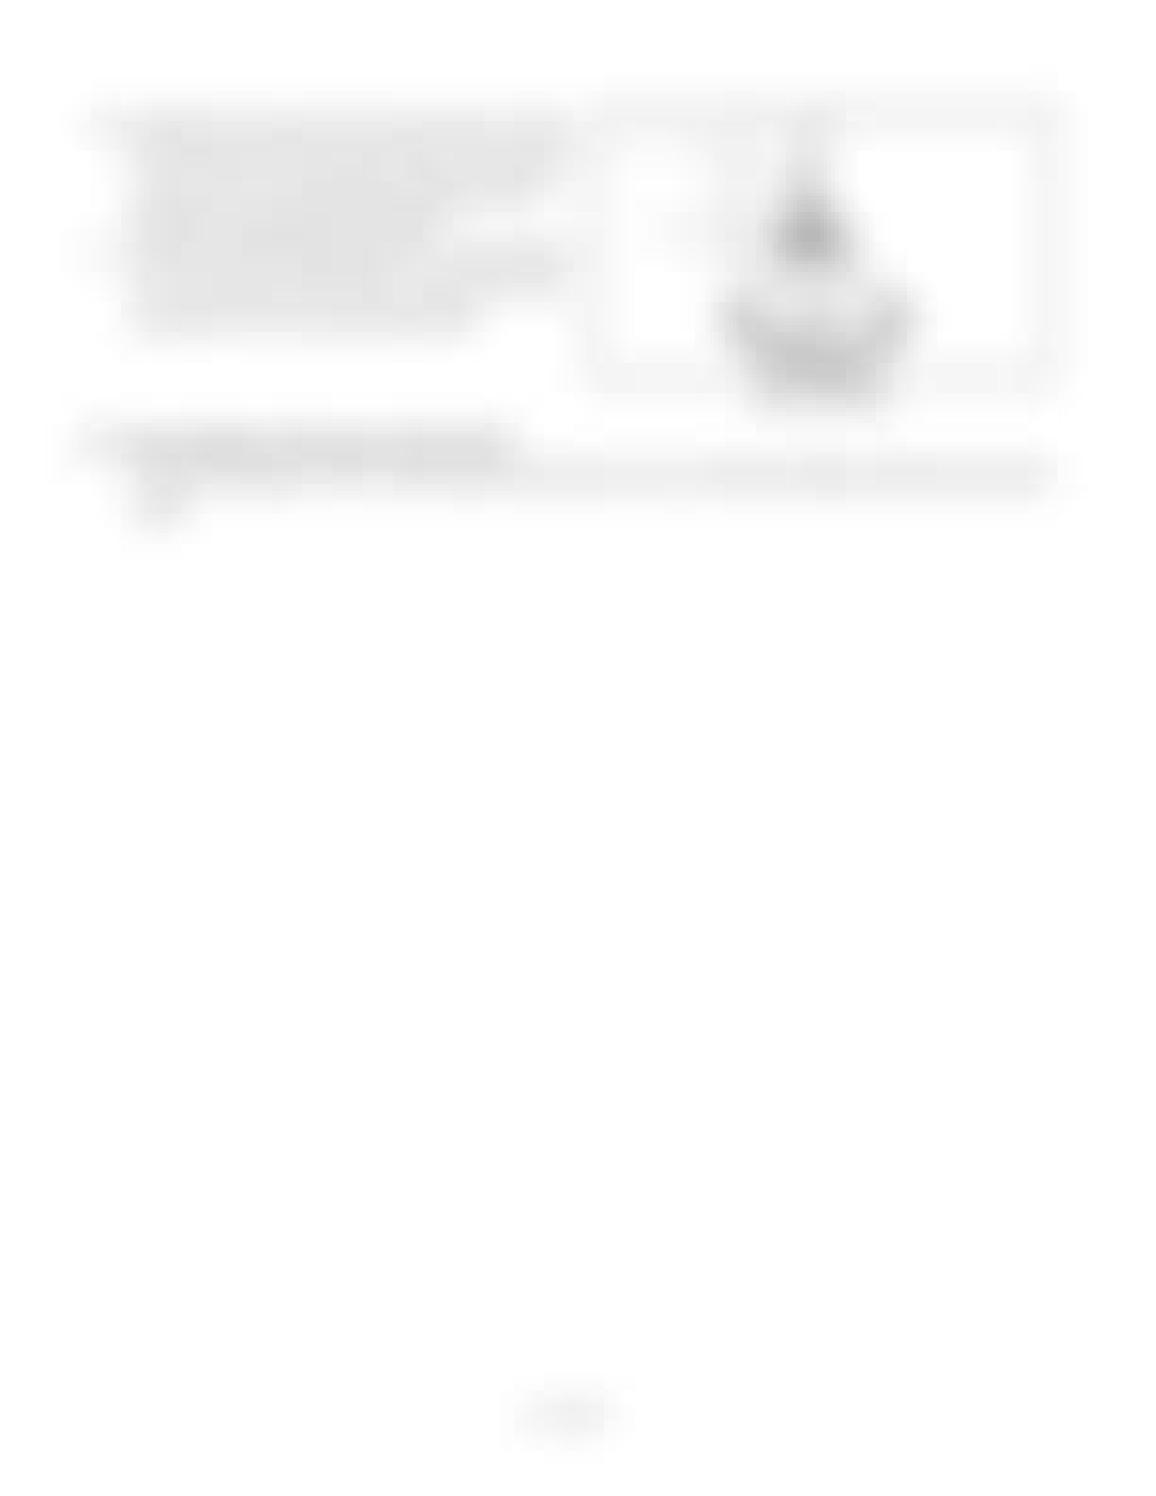 Hitachi LX110-7 LX130-7 LX160-7 LX190-7 LX230-7 Wheel Loader Workshop Manual - PDF DOWNLOAD page 68